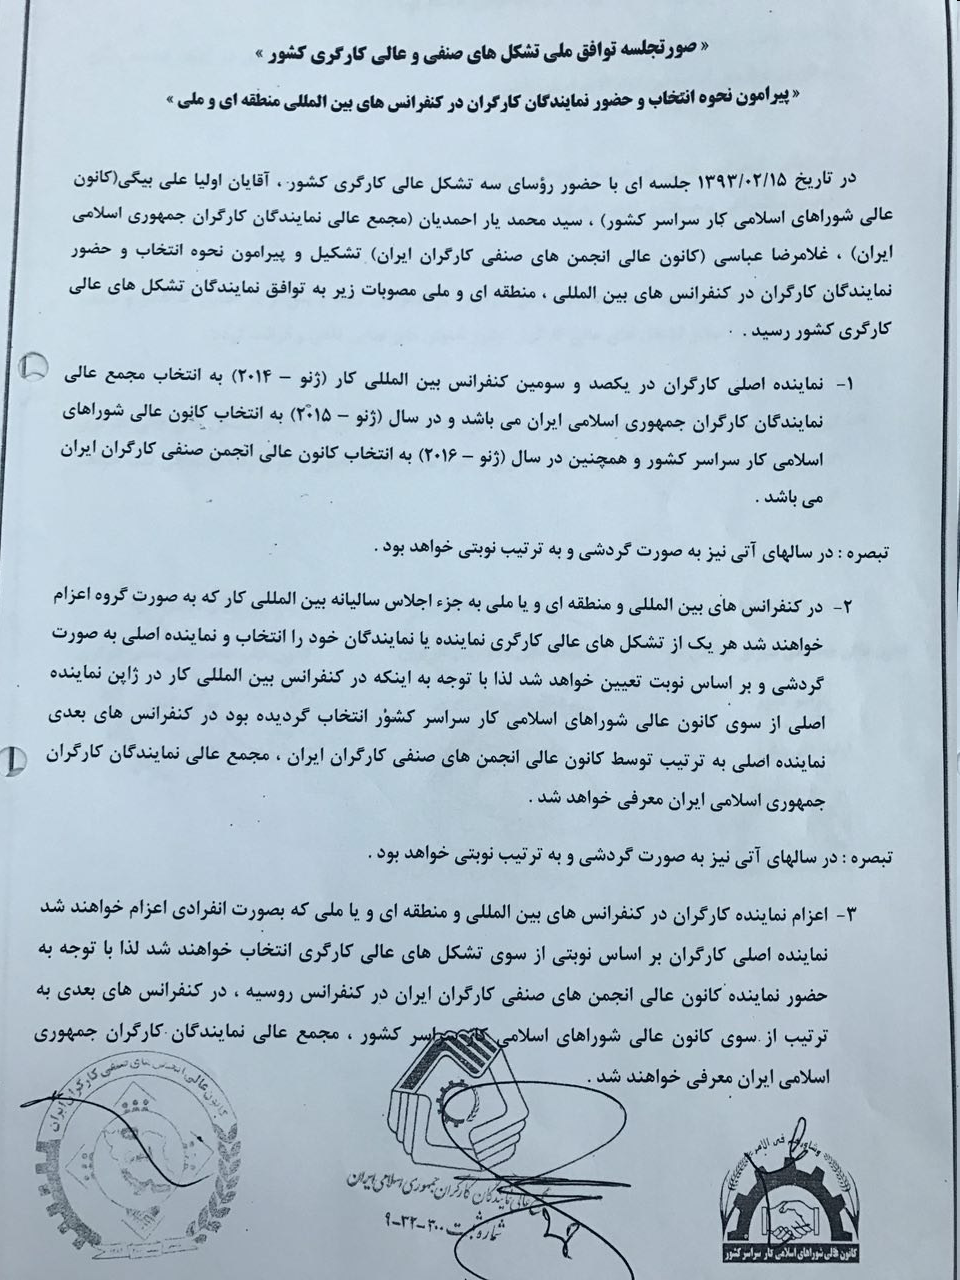 مجمع عالی نمایندگان کارگران، تشکلی دیگر در ساختار قدرت سیاسی ایران – بخش اول